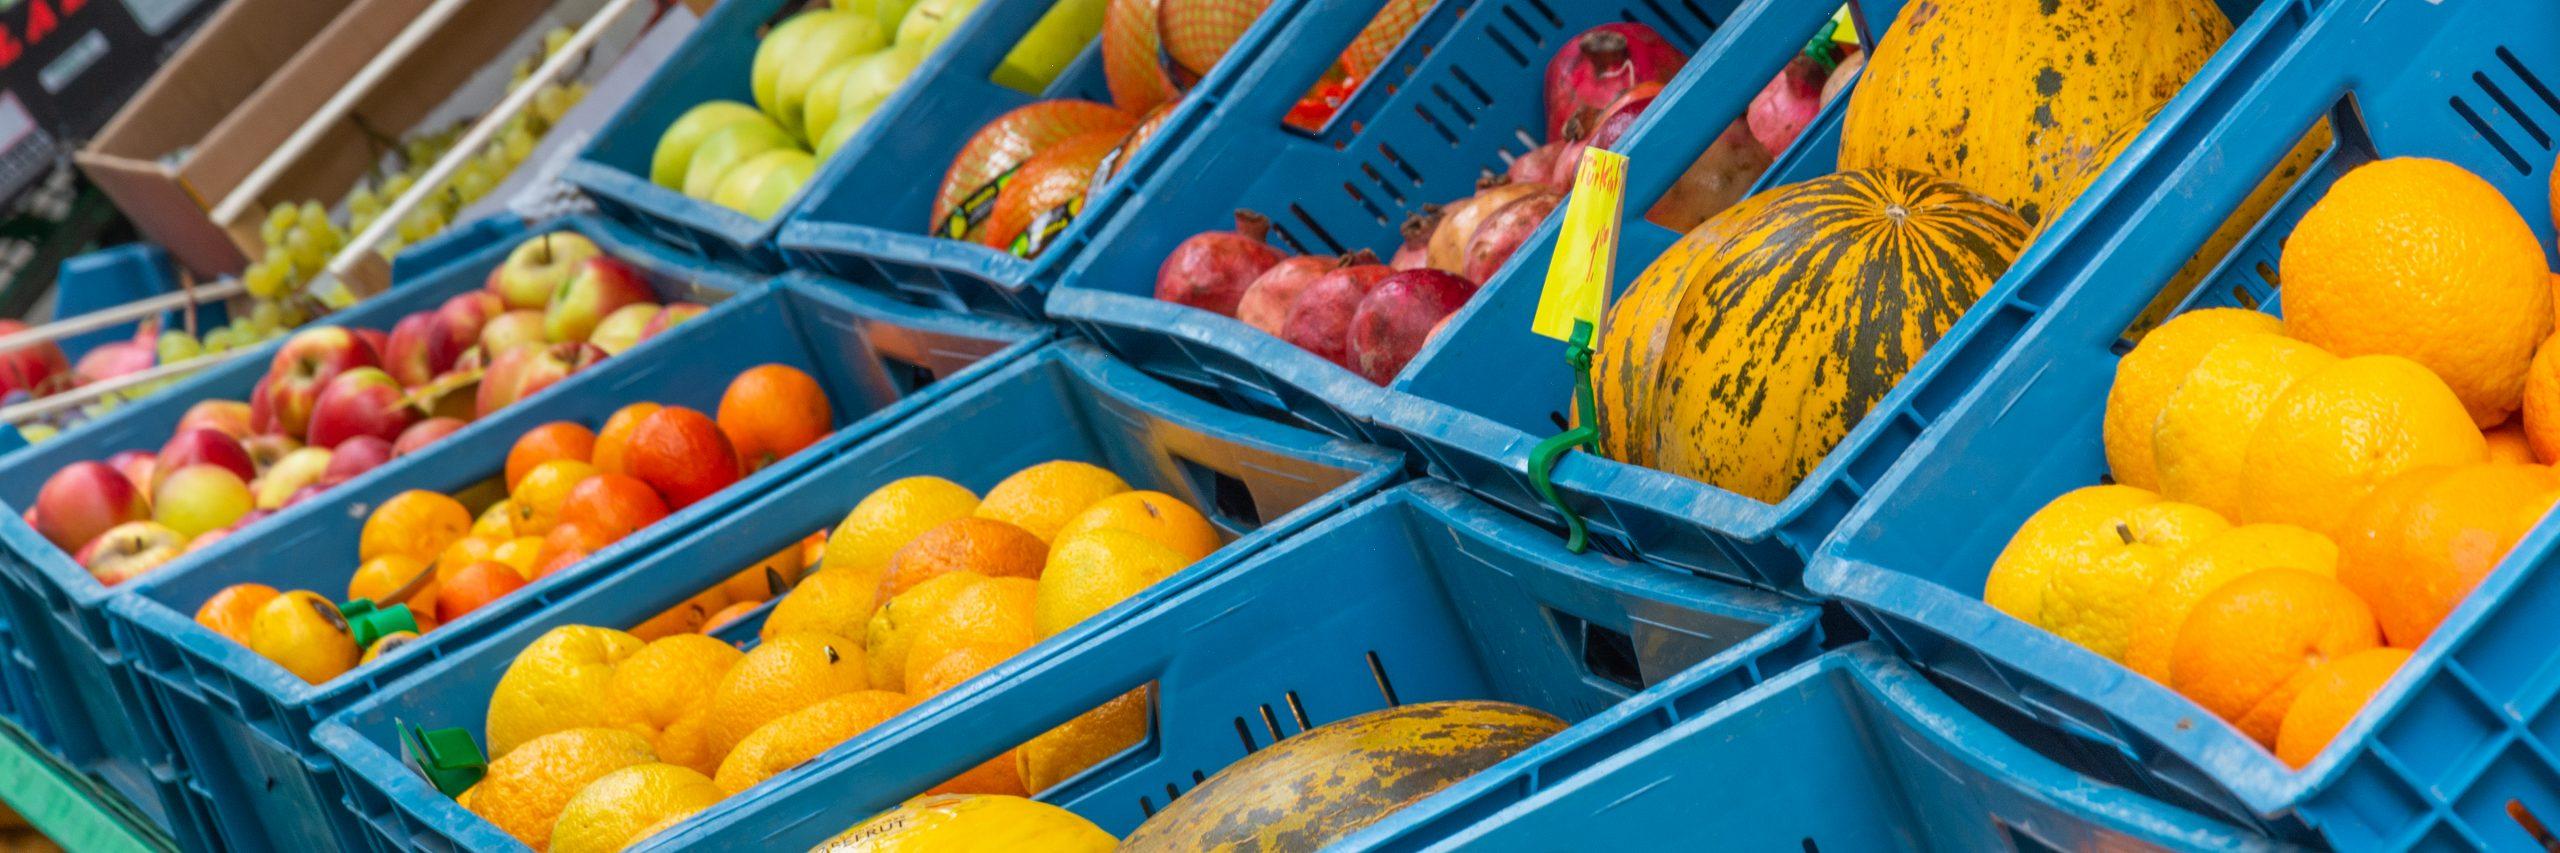 Nachhaltigkeit; Obst; regionales Obst; exotisches Obst; nachhaltige Entwicklung